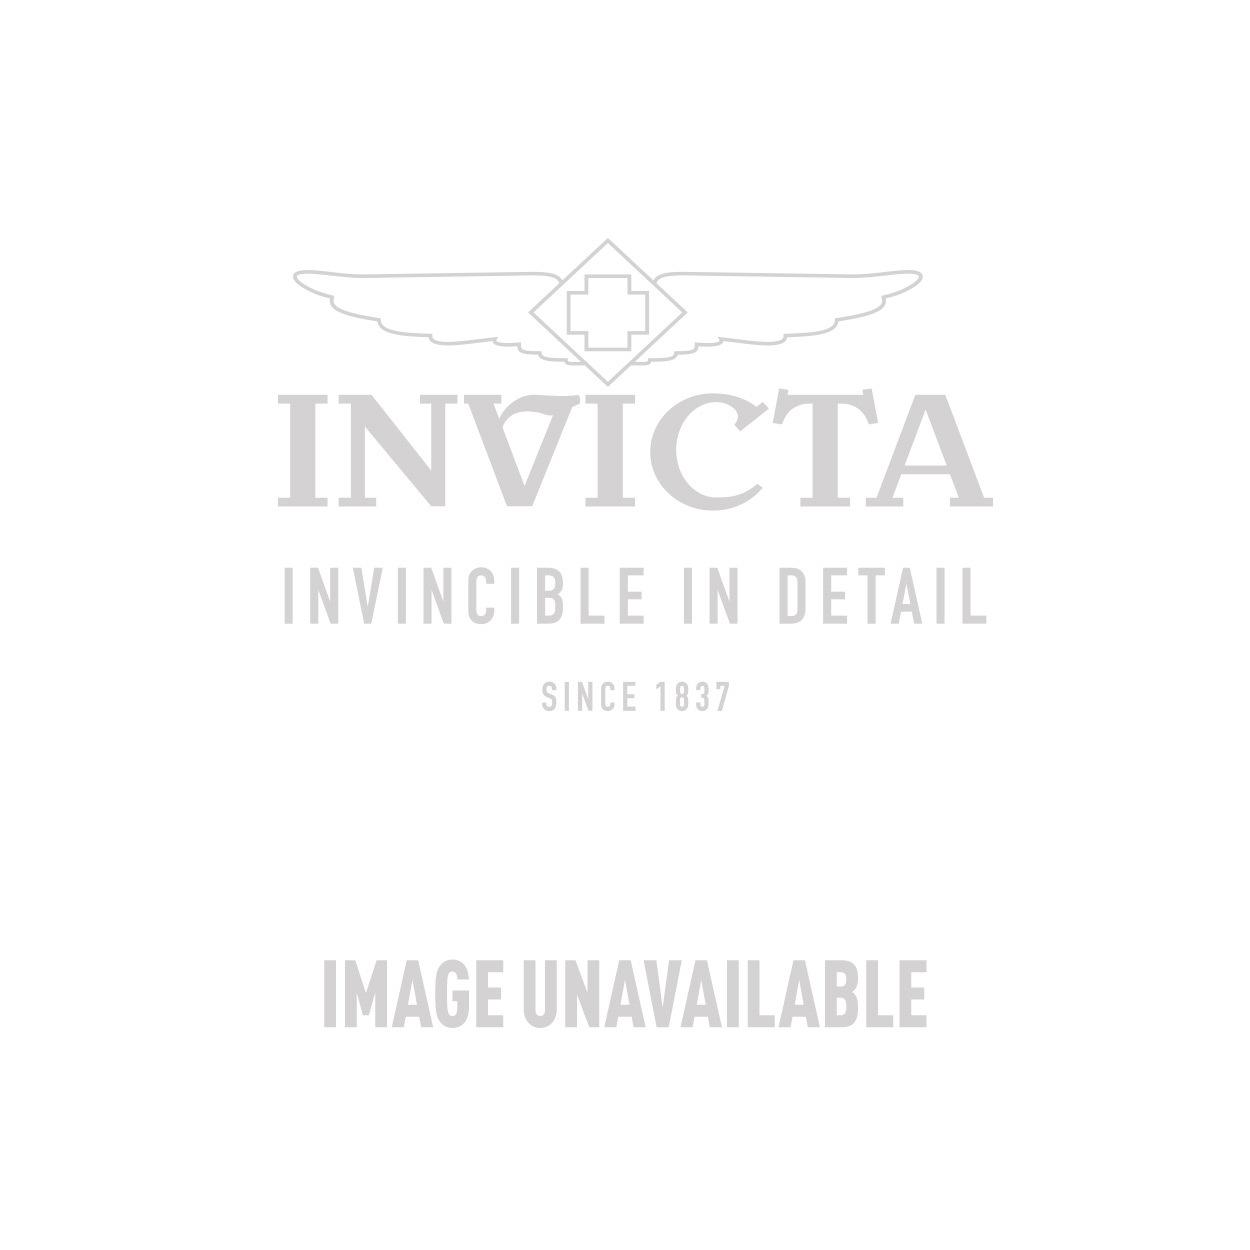 Invicta Model 27933